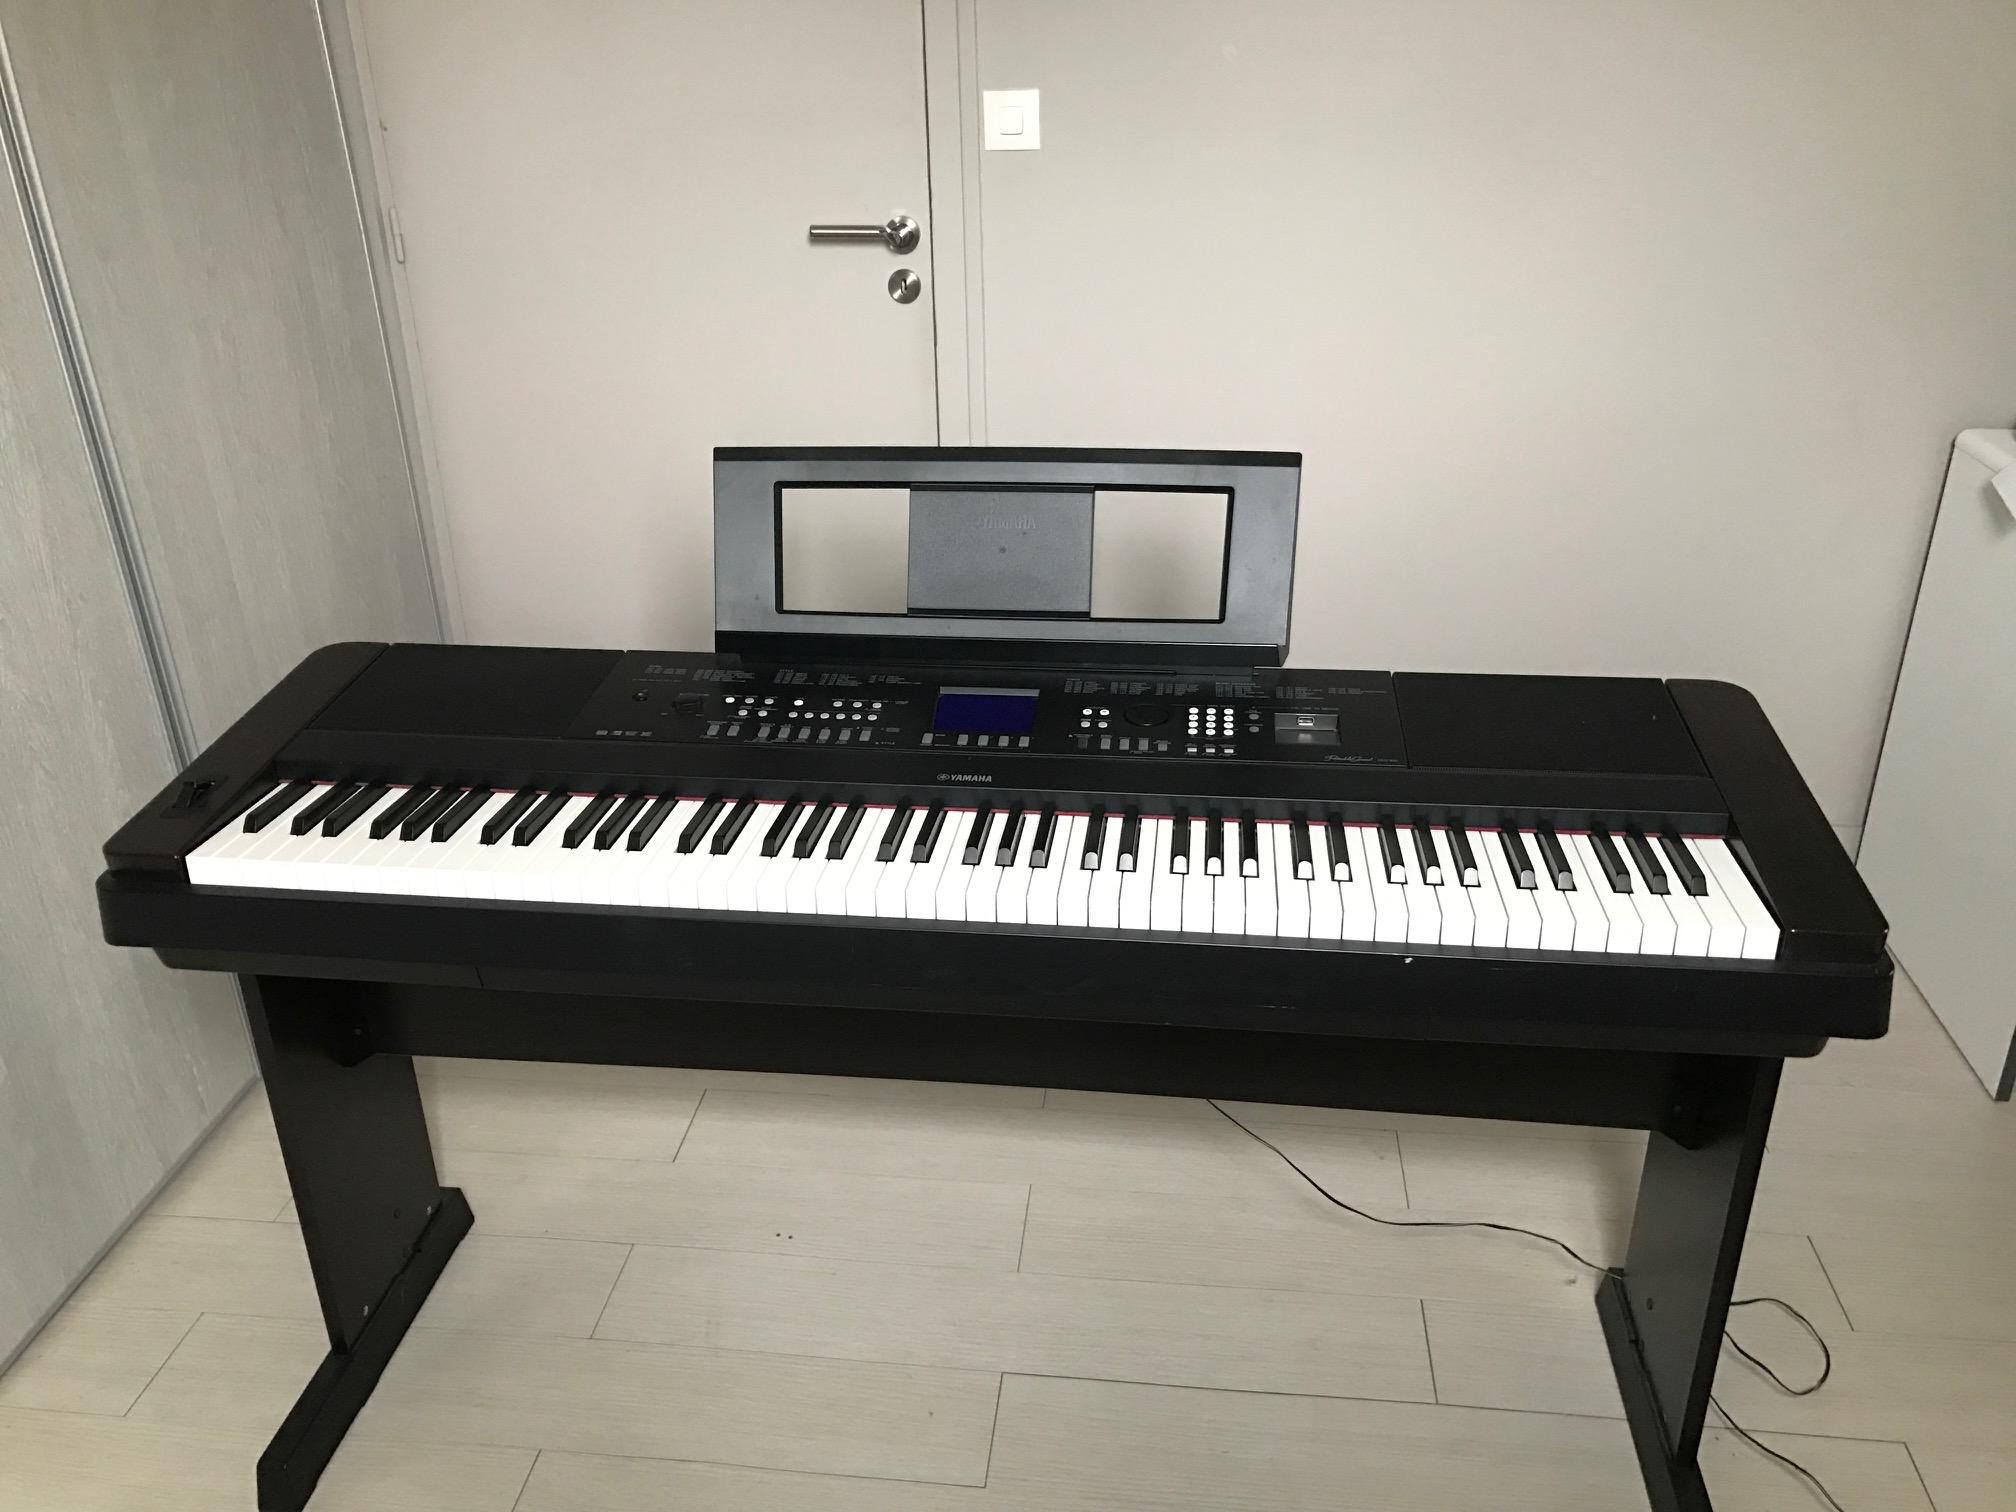 Dgx 650 yamaha dgx 650 audiofanzine for Yamaha 650 piano